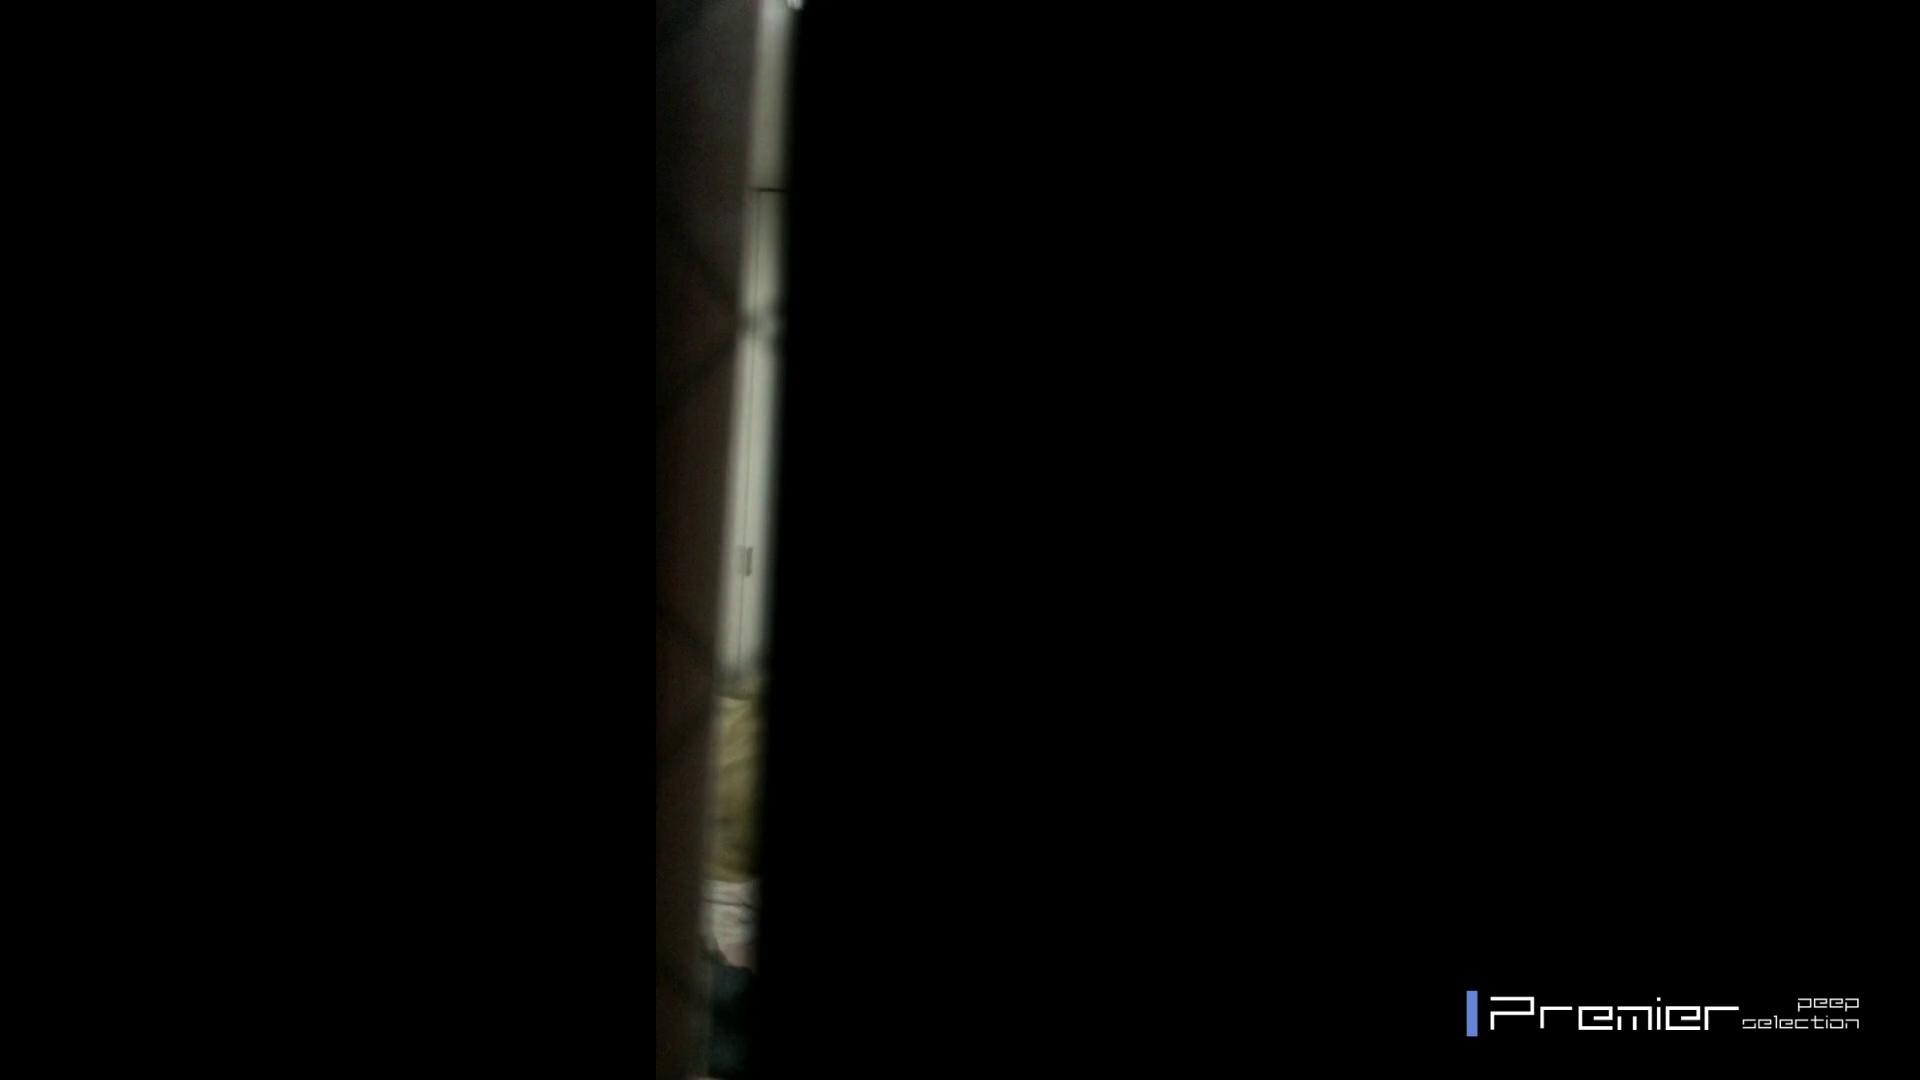 マニア必見!ポチャ達のカーニバル美女達の私生活に潜入! ポチャ体型 われめAV動画紹介 88画像 87